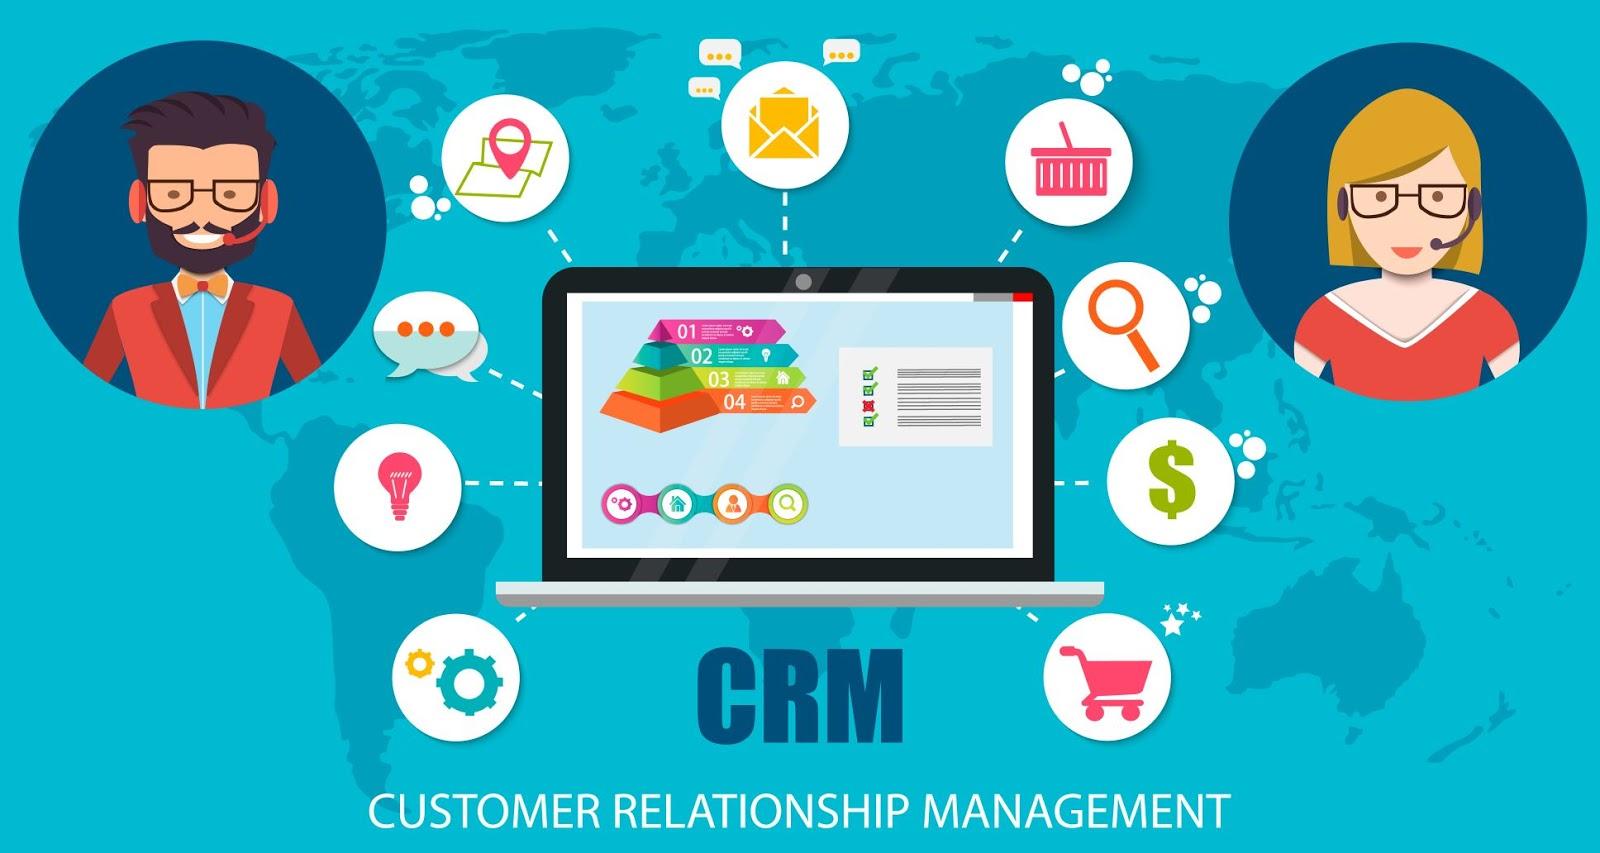 hình ảnh Hướng dẫn cách quản lý đơn hàng hiệu quả cho các shop online - số 1